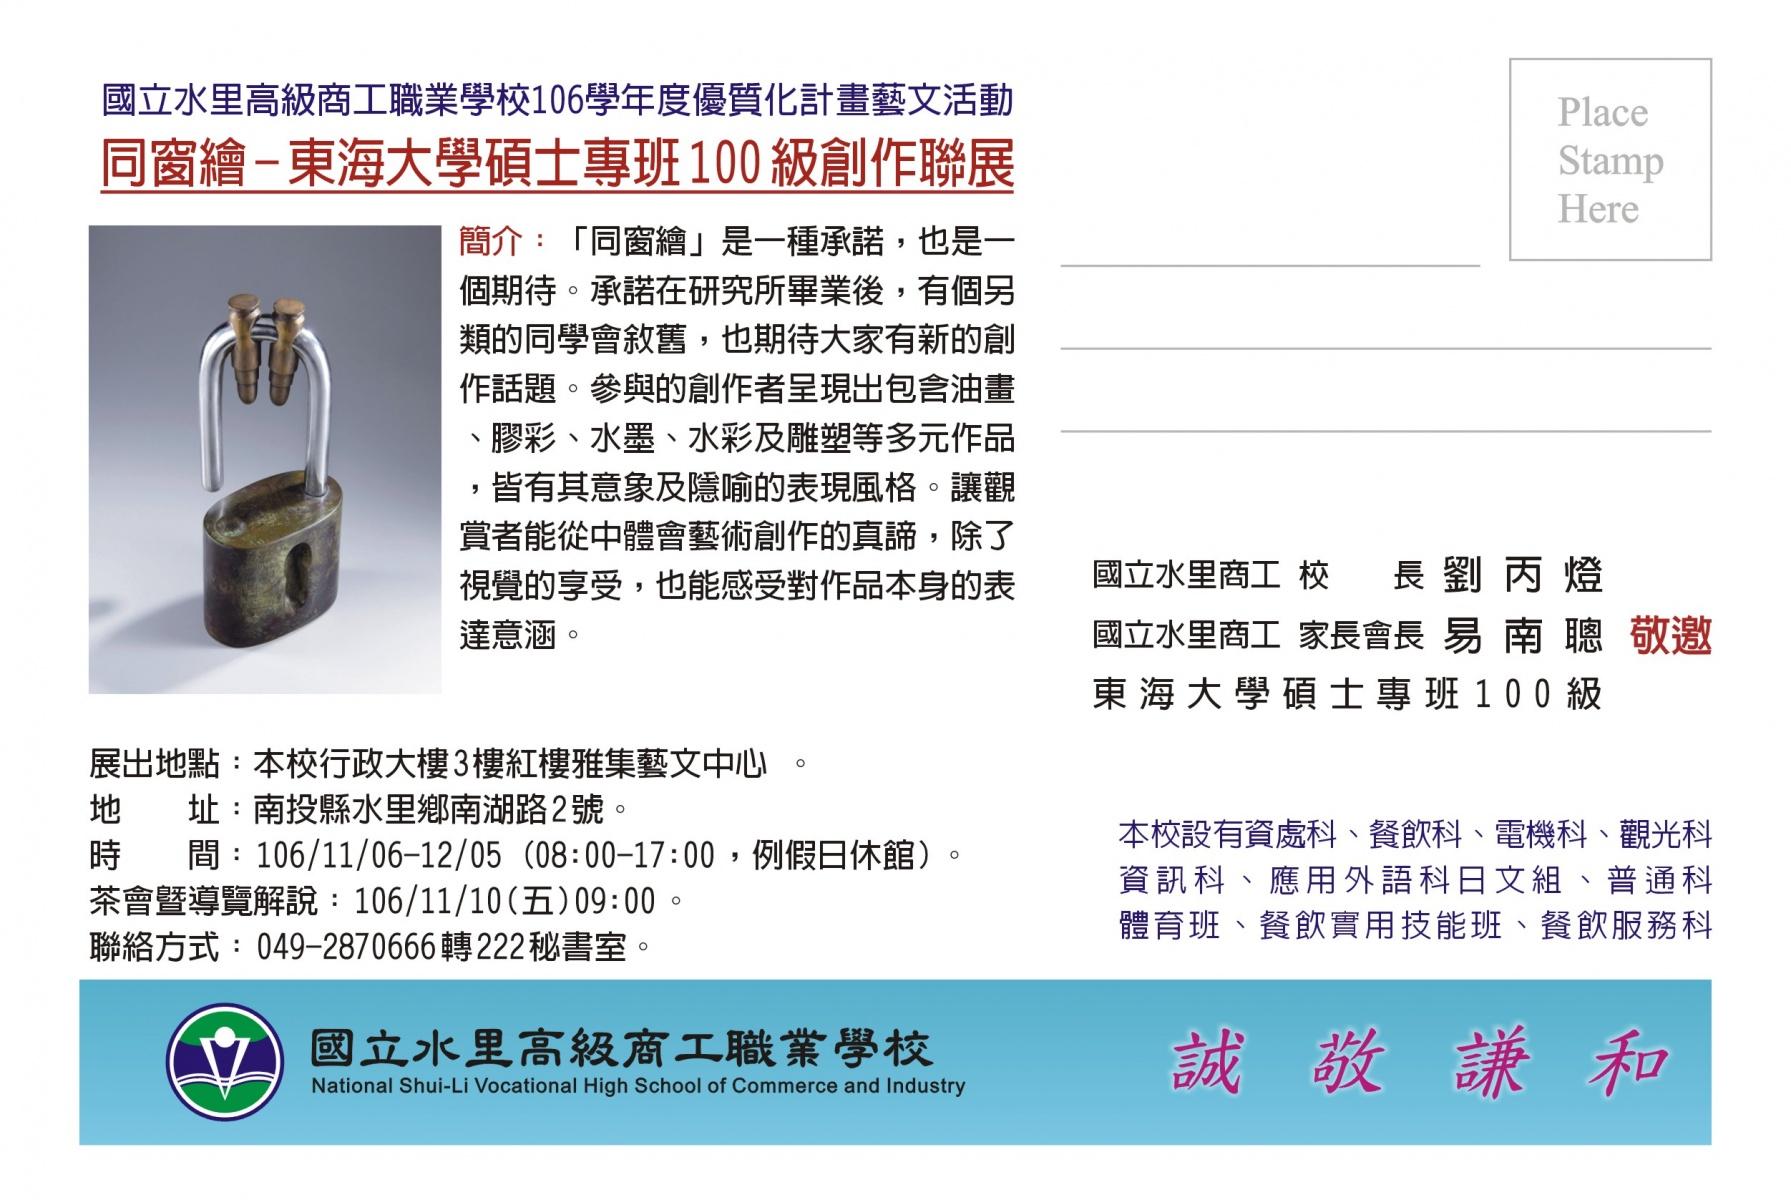 1061106-1205同窗繪-東海大學碩士專班100級創作聯展  邀請卡背面